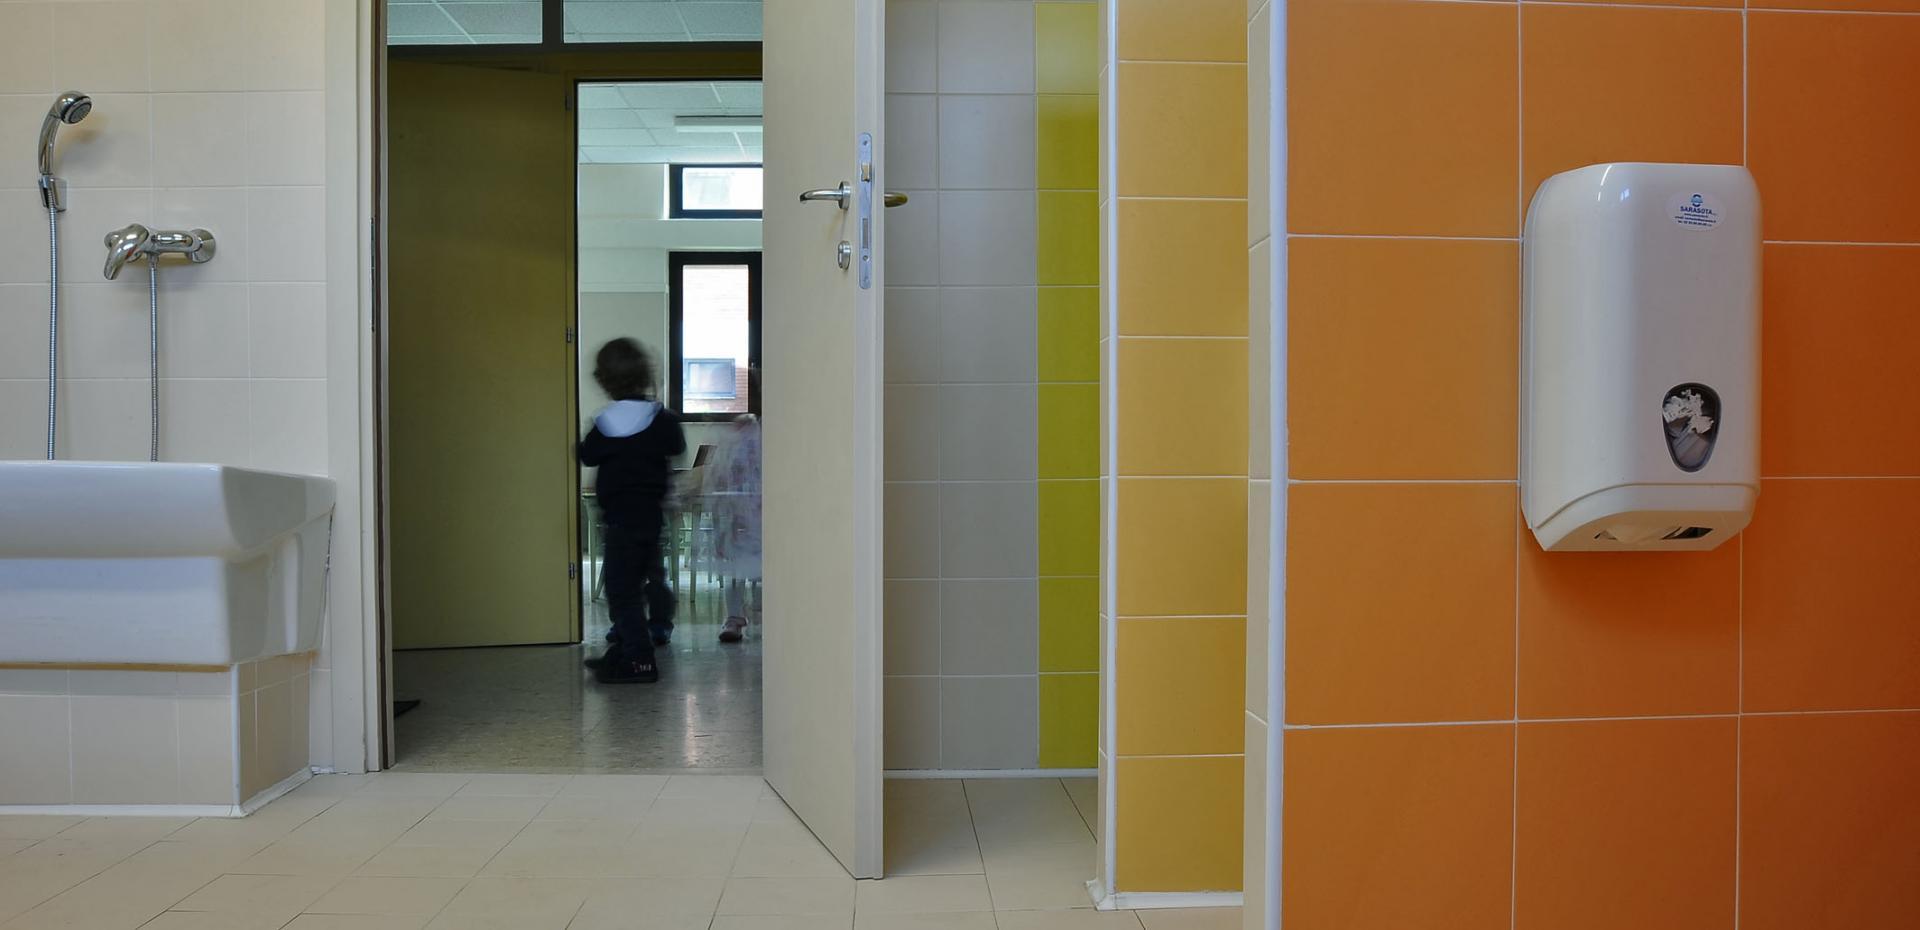 Casa dei Bambini Scuola Montessori - Milano